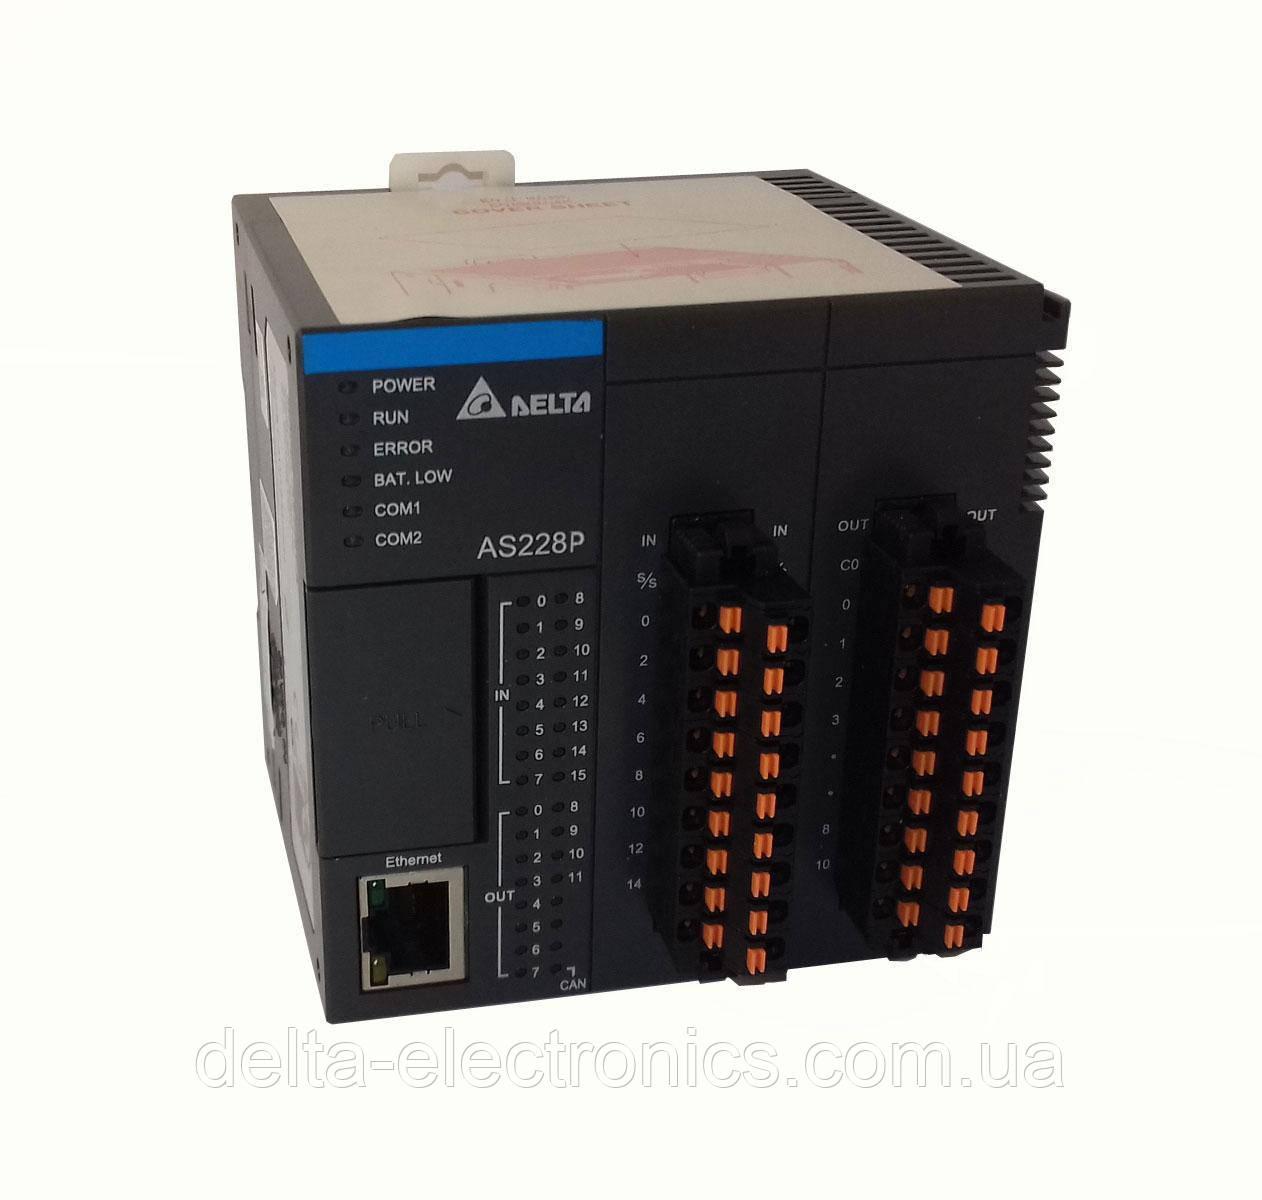 Базовый модуль контроллера серии AS200 Delta Electronics, 16DI/12DO транзисторные выходы (PNP), Ethernet